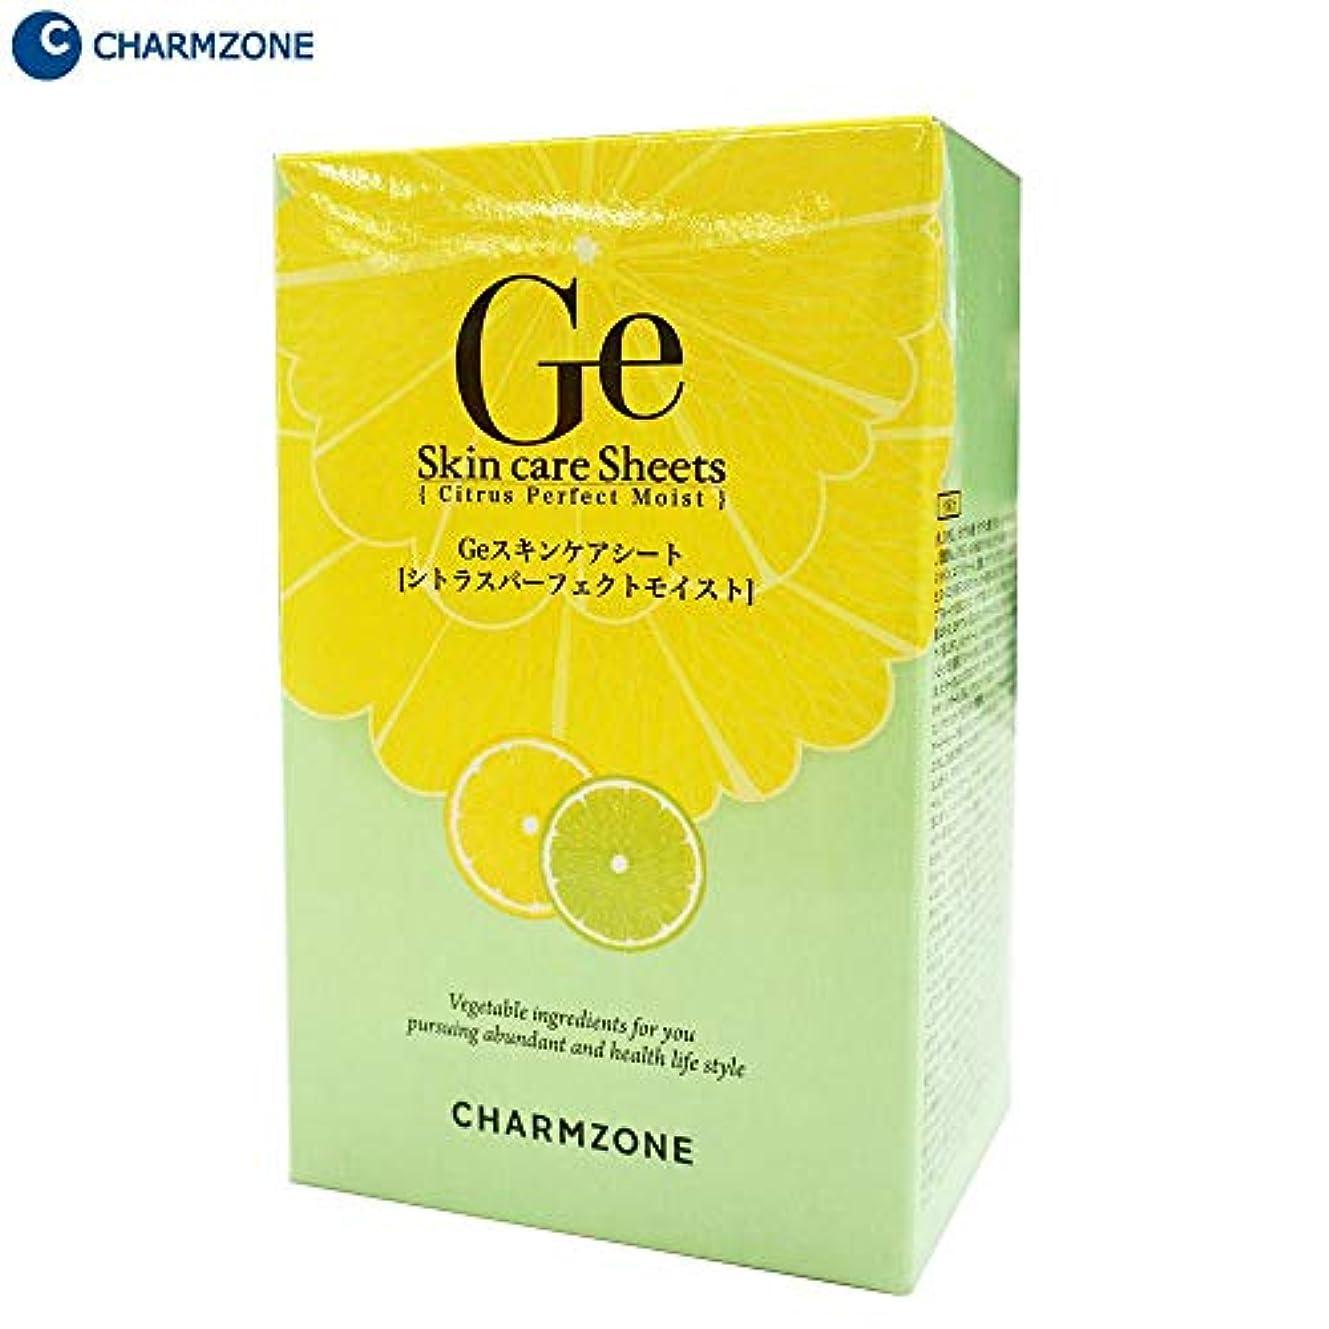 それから微生物厚くする韓国コスメ チャームゾーン Geスキンケアシート 50枚(1包10枚×5個)セット シトラスパーフェクトモイスト CPM050